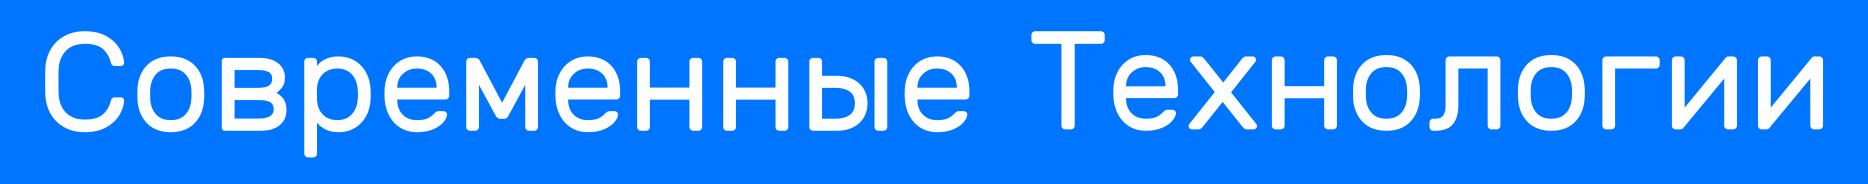 СТ лого 2019